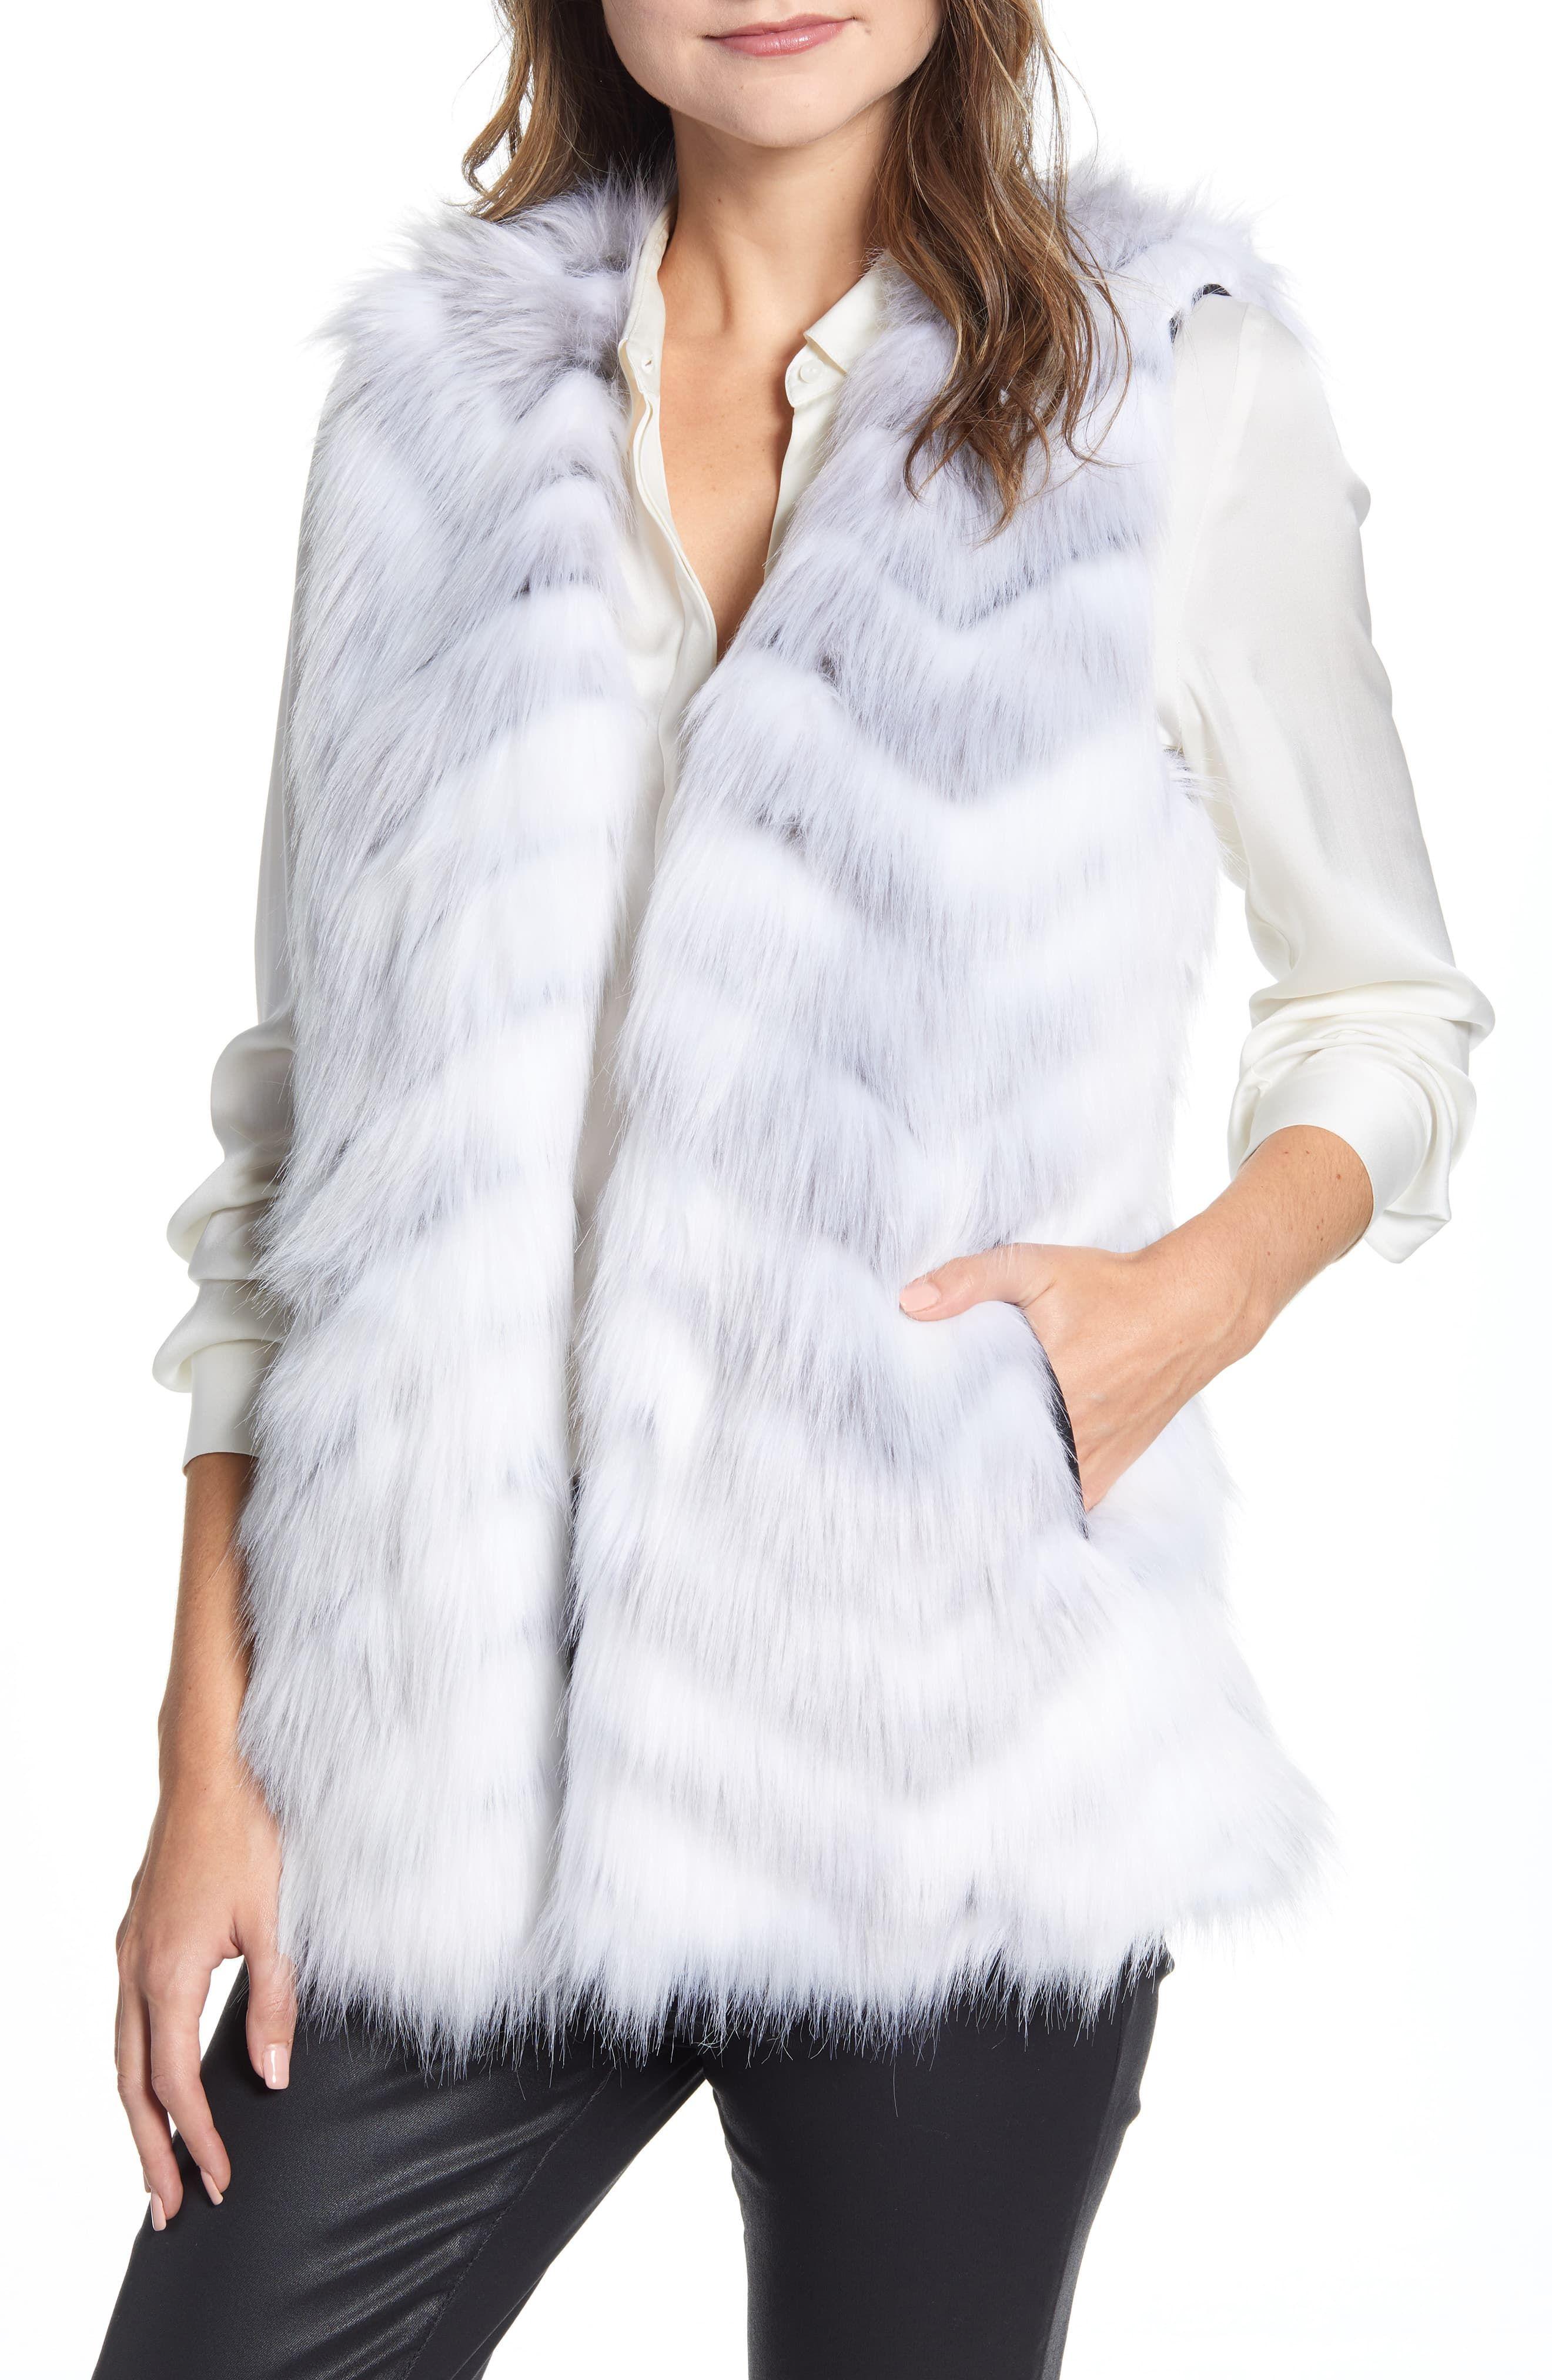 Women S Via Spiga Chevron Faux Fur Vest Size X Small White Long Faux Fur Coat Vest Style Women Fashion Clothes Women [ 4048 x 2640 Pixel ]